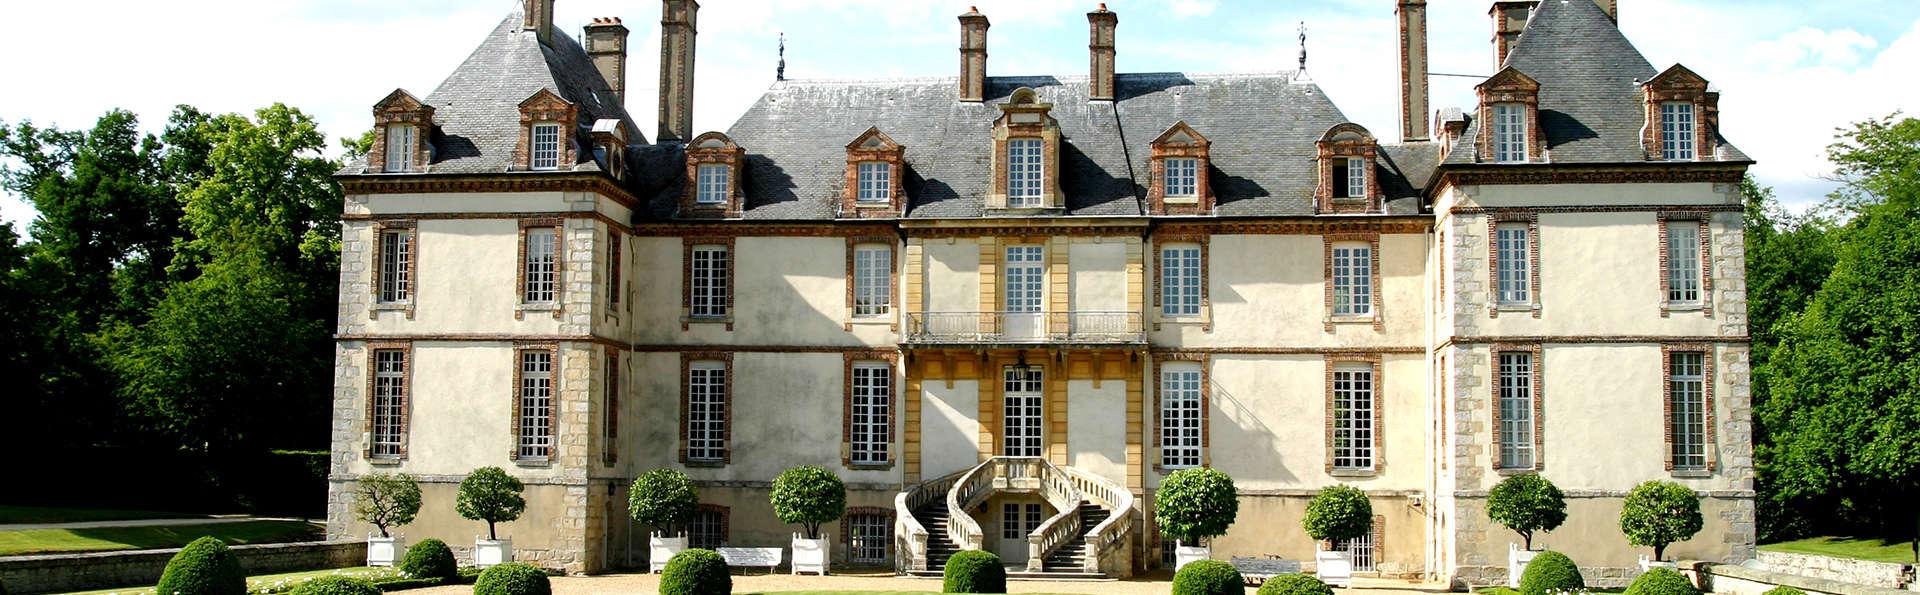 Week-end de charme dans un château à 50 minutes de Paris